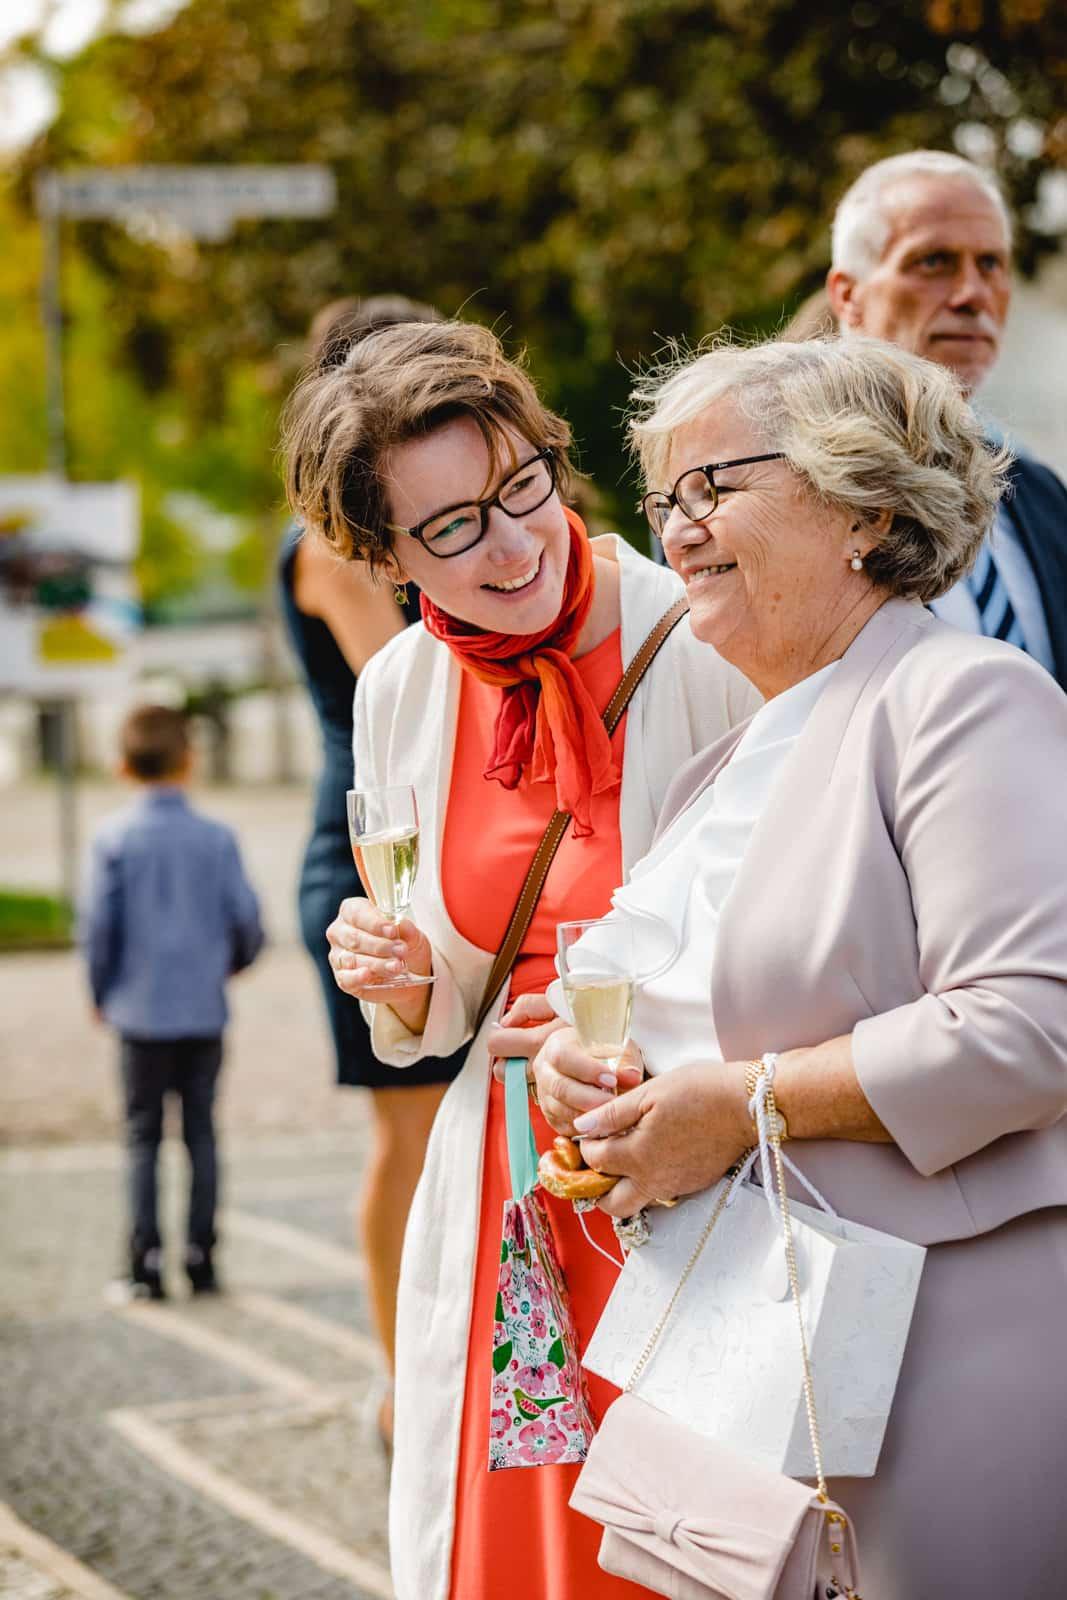 Zwei Frauen lachen mit Sekt in der Hand draussen vor der St. Ludwigs Kirche in Darmstadt während des Sektempfangs.